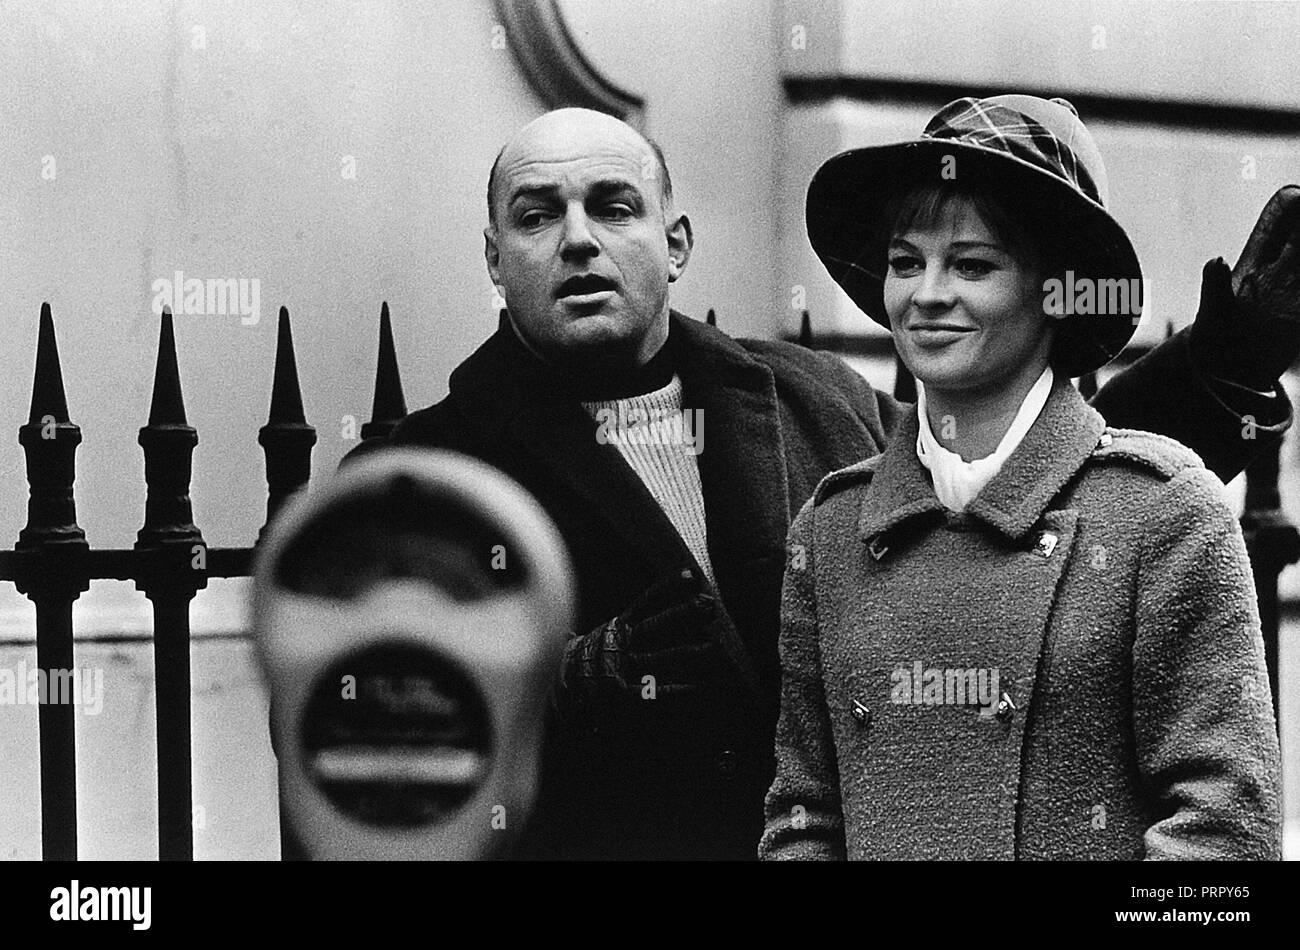 Prod DB © Joseph Janni Production - Vic Films - Appia Films Ltd. / DR DARLING de John Schlesinger 1965 GB avec John Schlesinger et Julie Christie sur - Stock Image